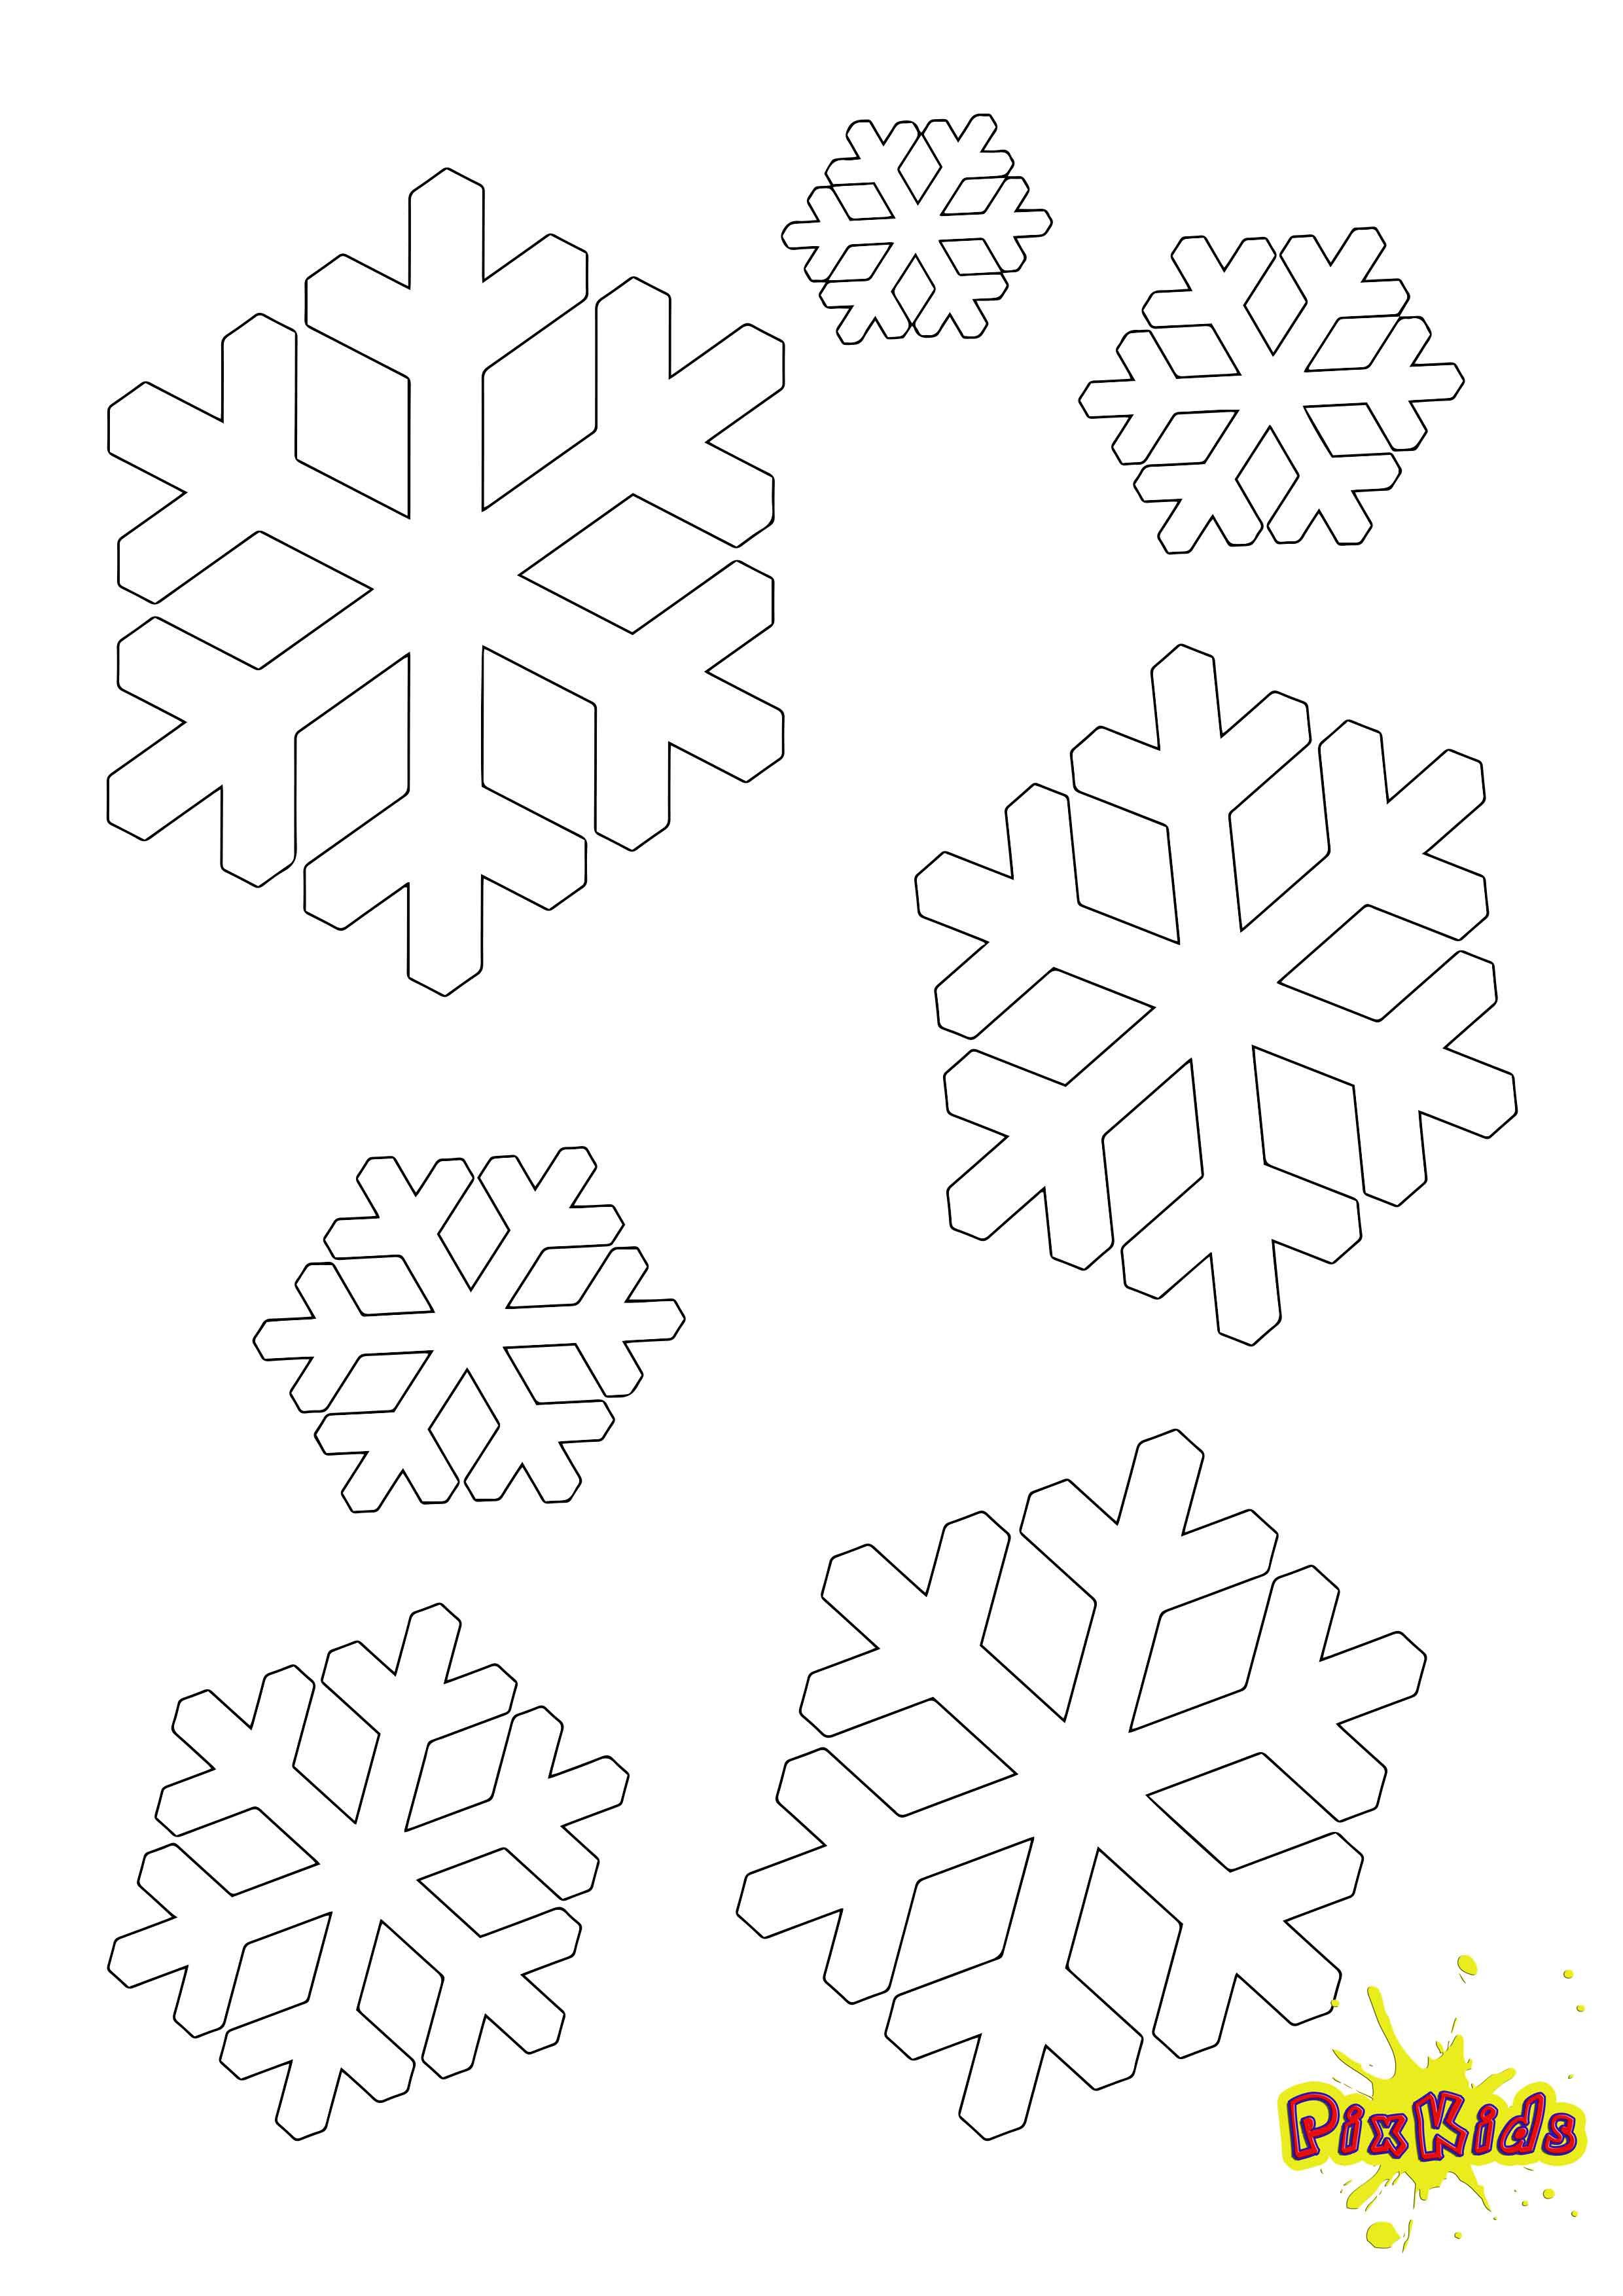 Ausmalbilder Weihnachten Schneeflocke Einzigartig Malvorlagen Schneeflocke Mit Schneemännern Frisch Weihnachten Bilder